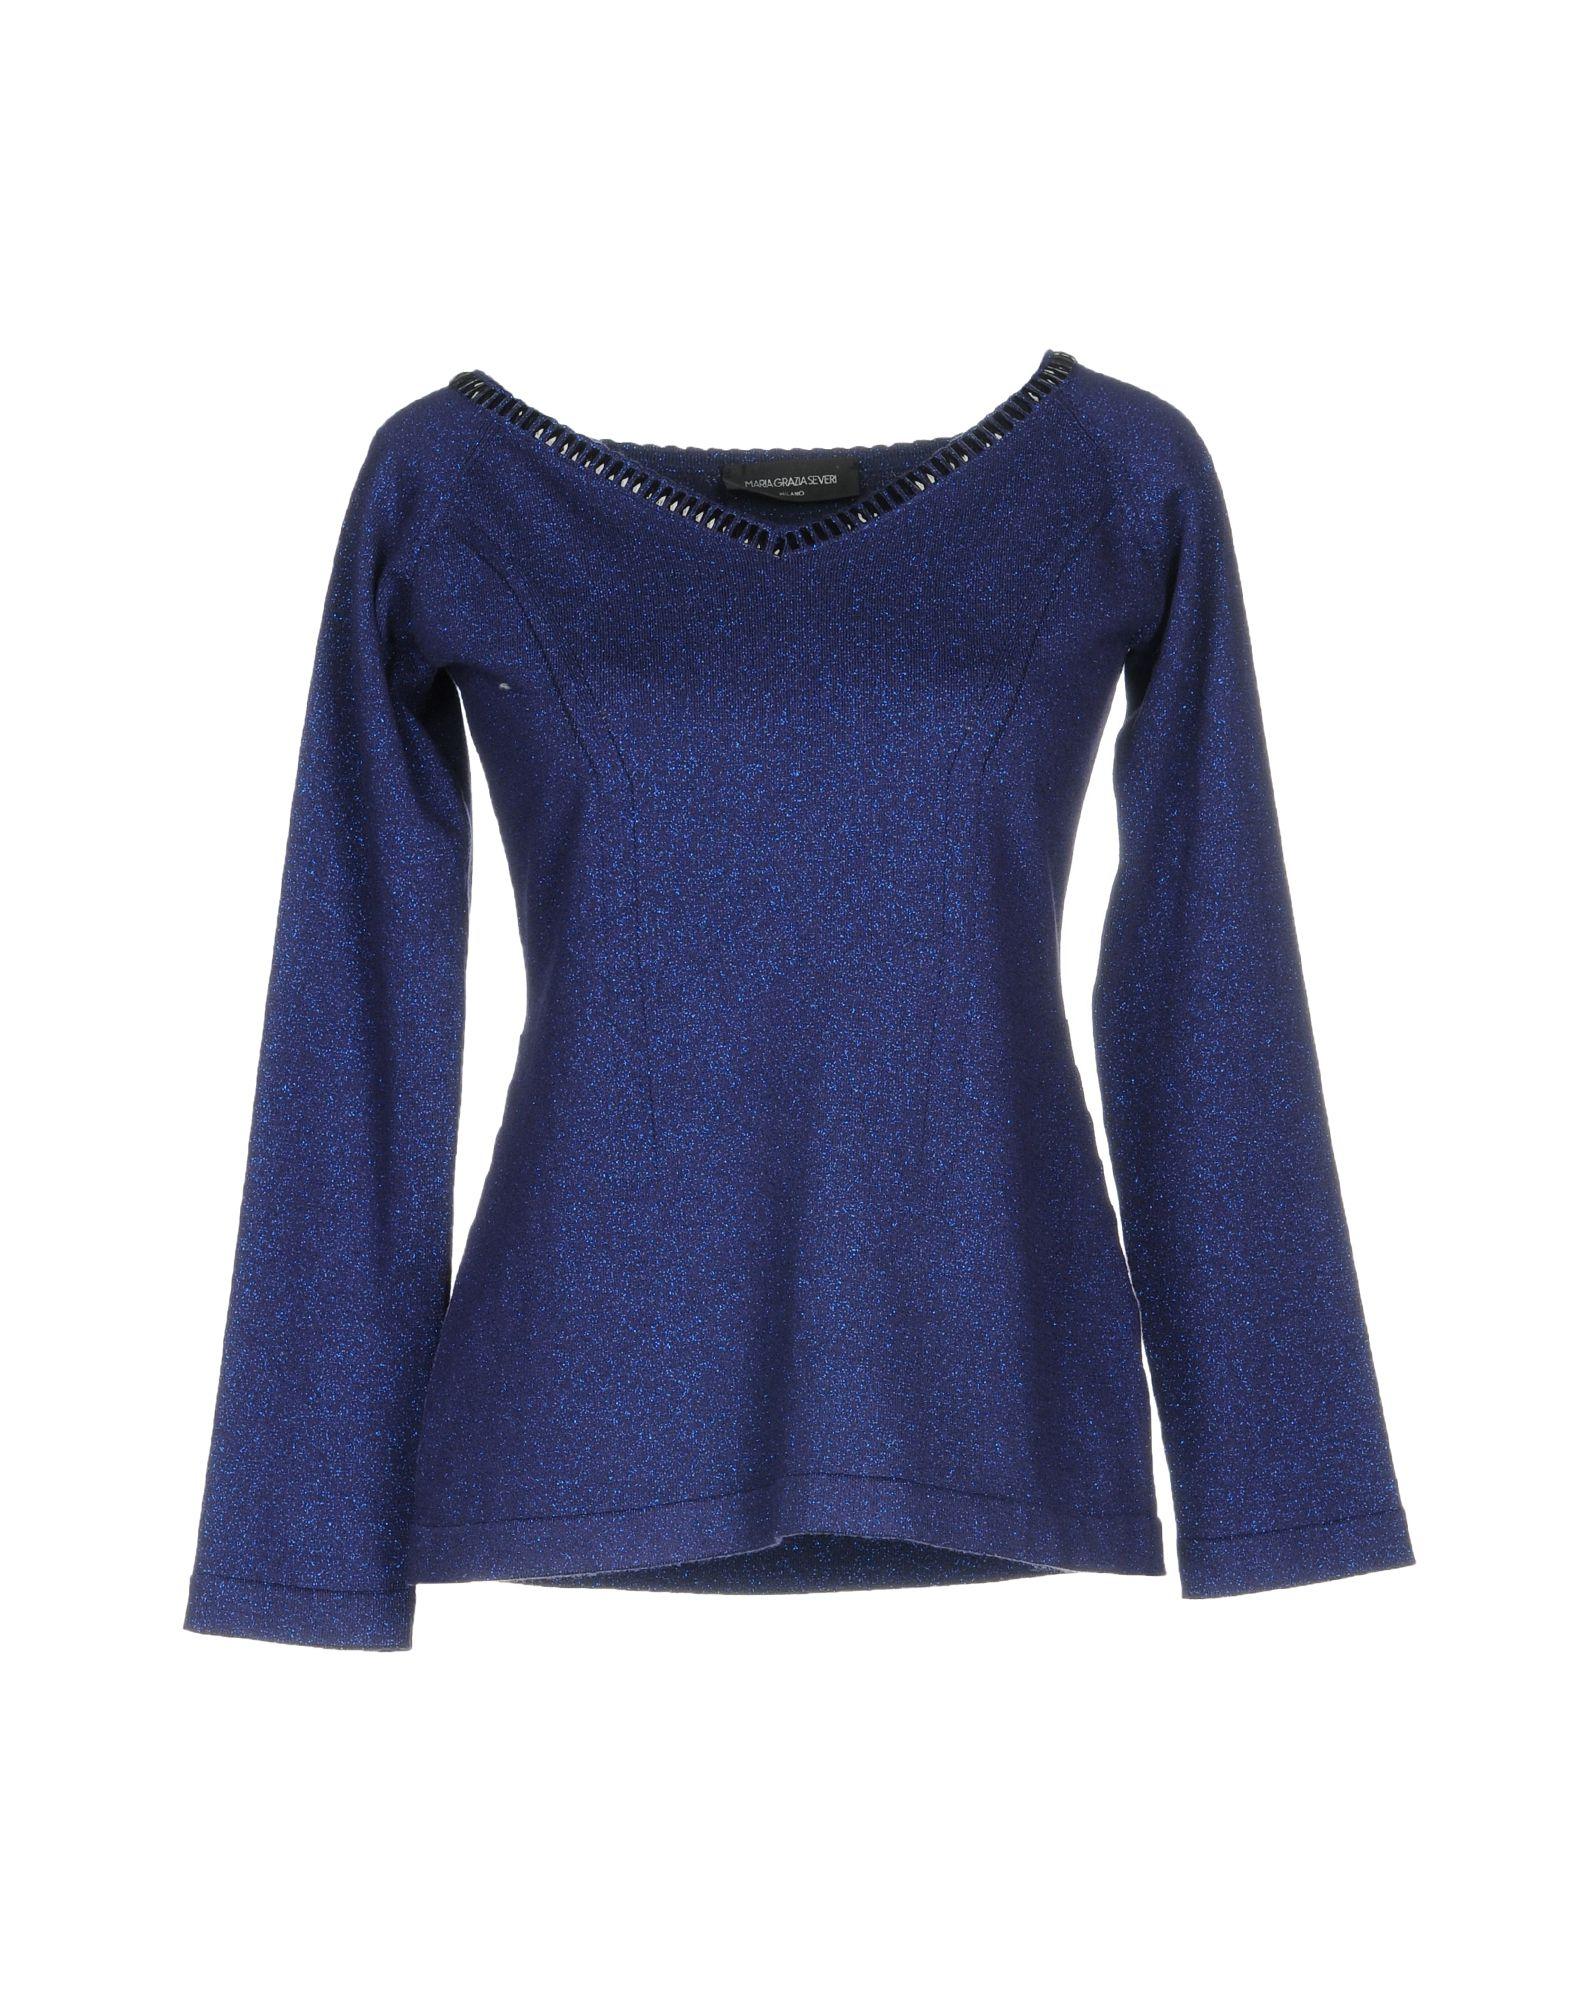 Pullover Maria Grazia Severi Donna - Acquista online su V31pB87sHc